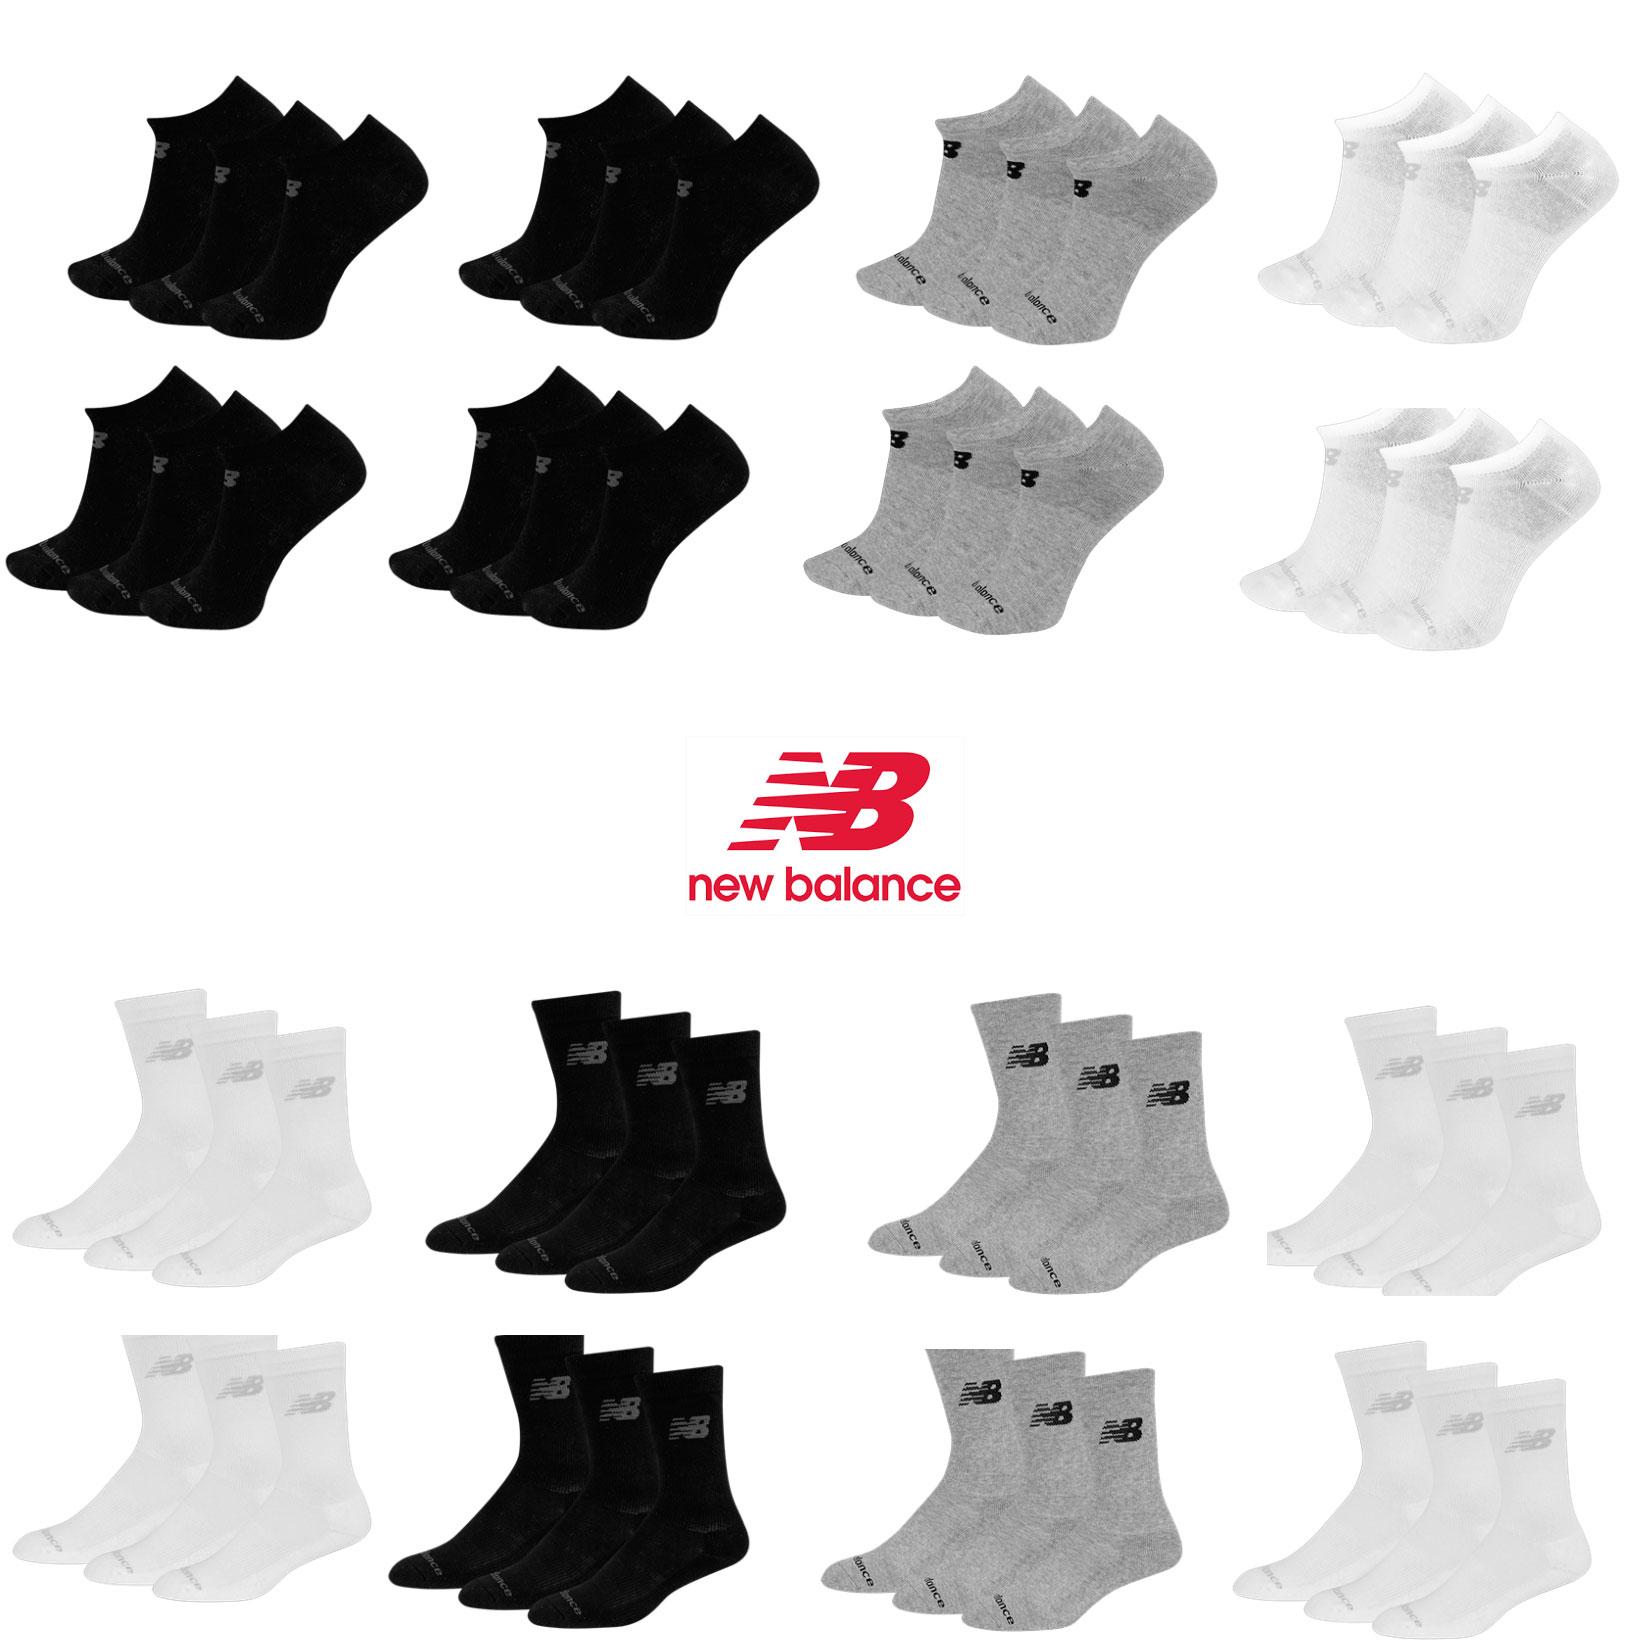 New Balance sokken 24 paar [mix & match] @ Geomix